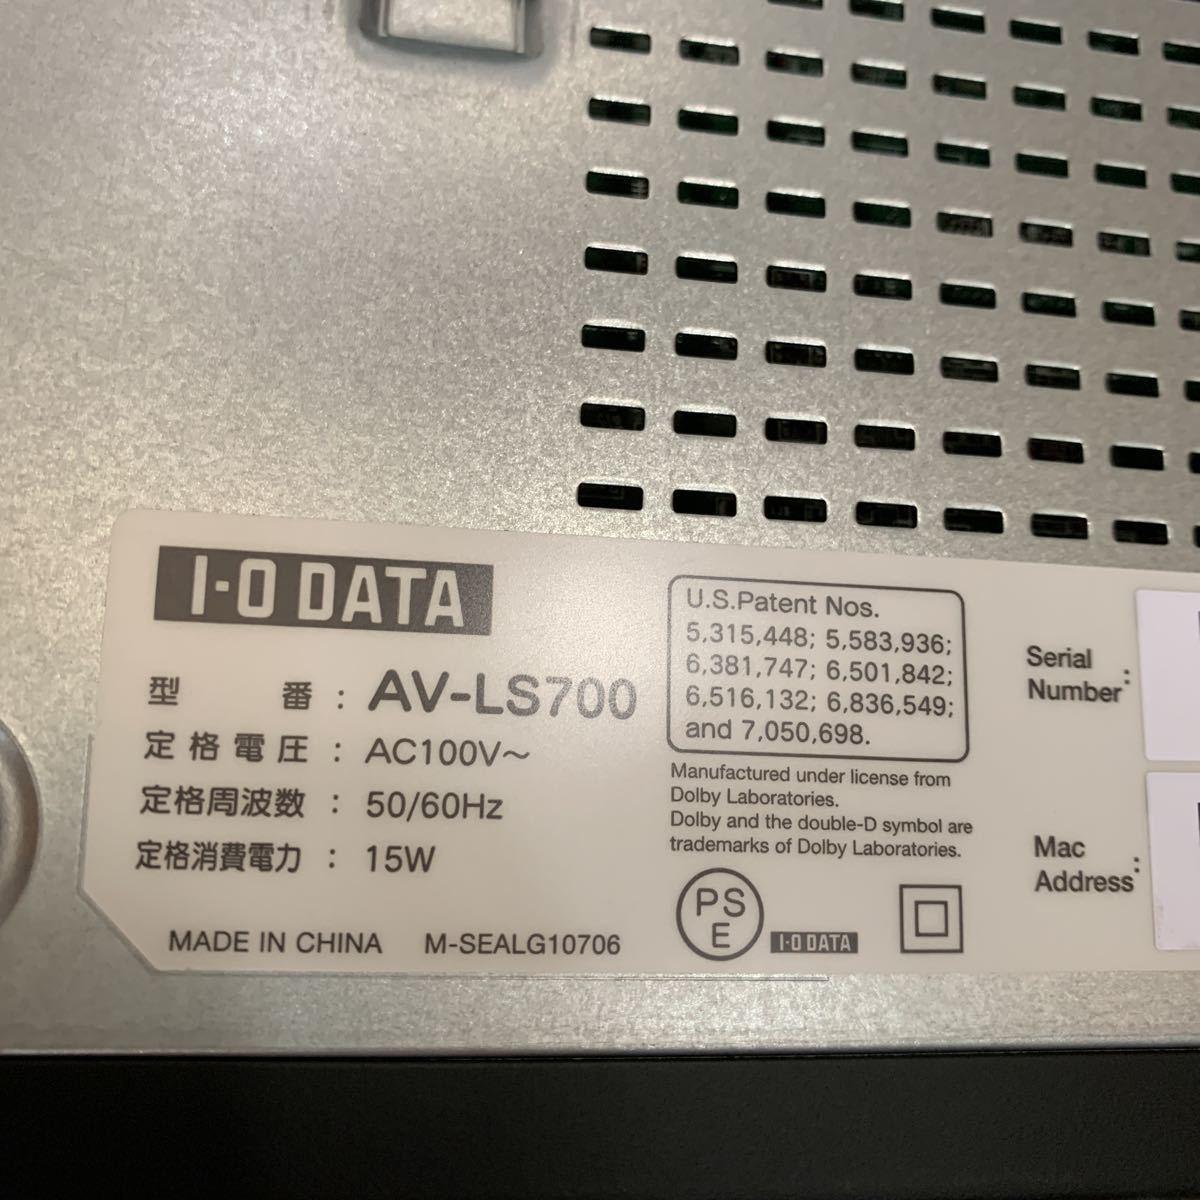 アイオーデータ AV-LS700 I-O DATA リンクプレーヤー メディアプレーヤー_画像4